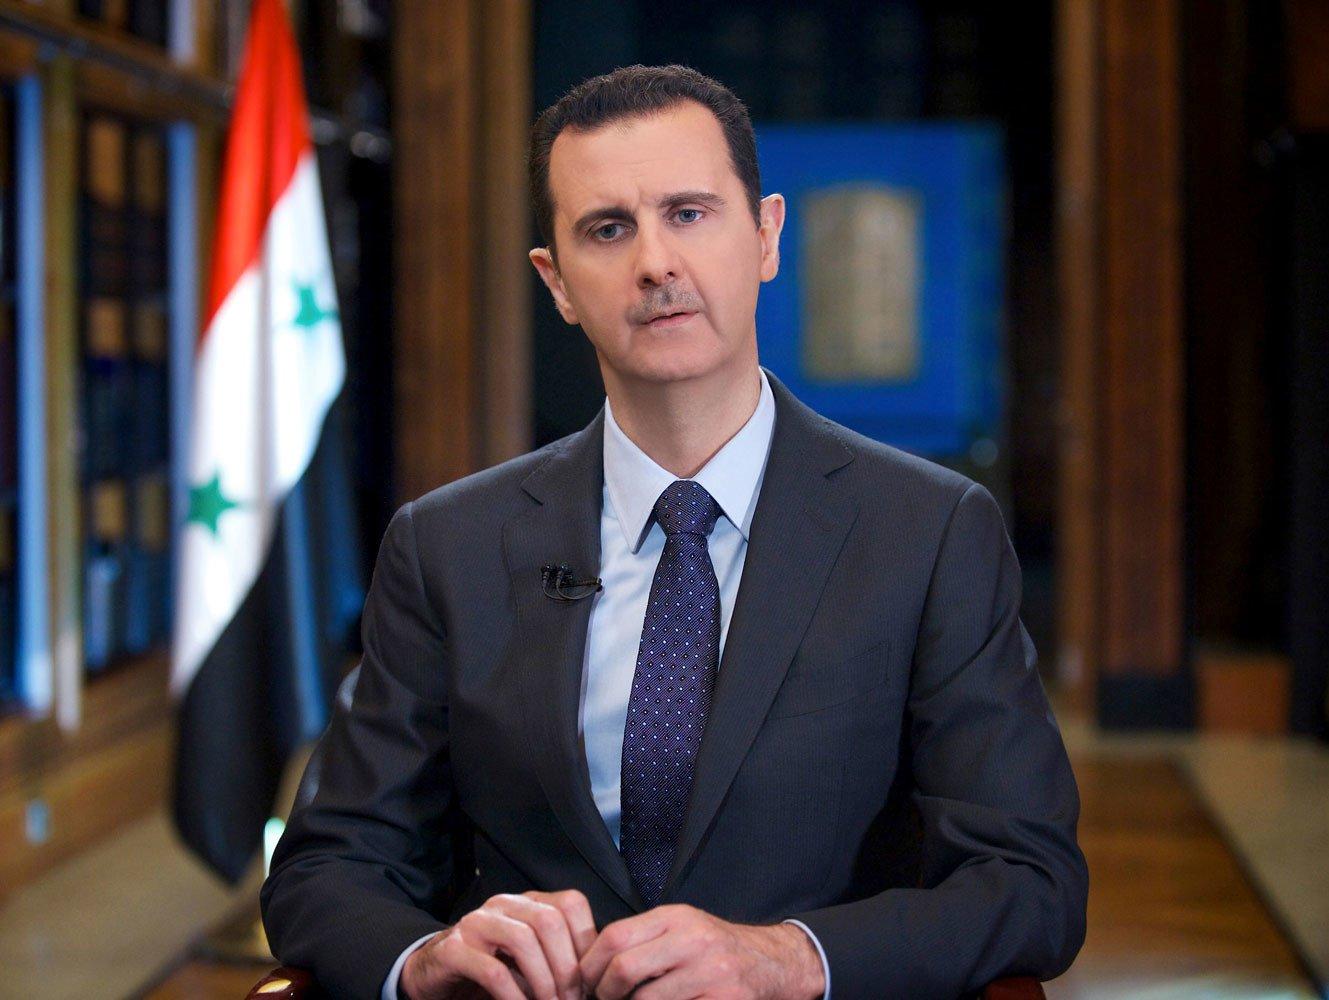 После десяти лет войны Башар Асад все еще правит разрушенной Сирией